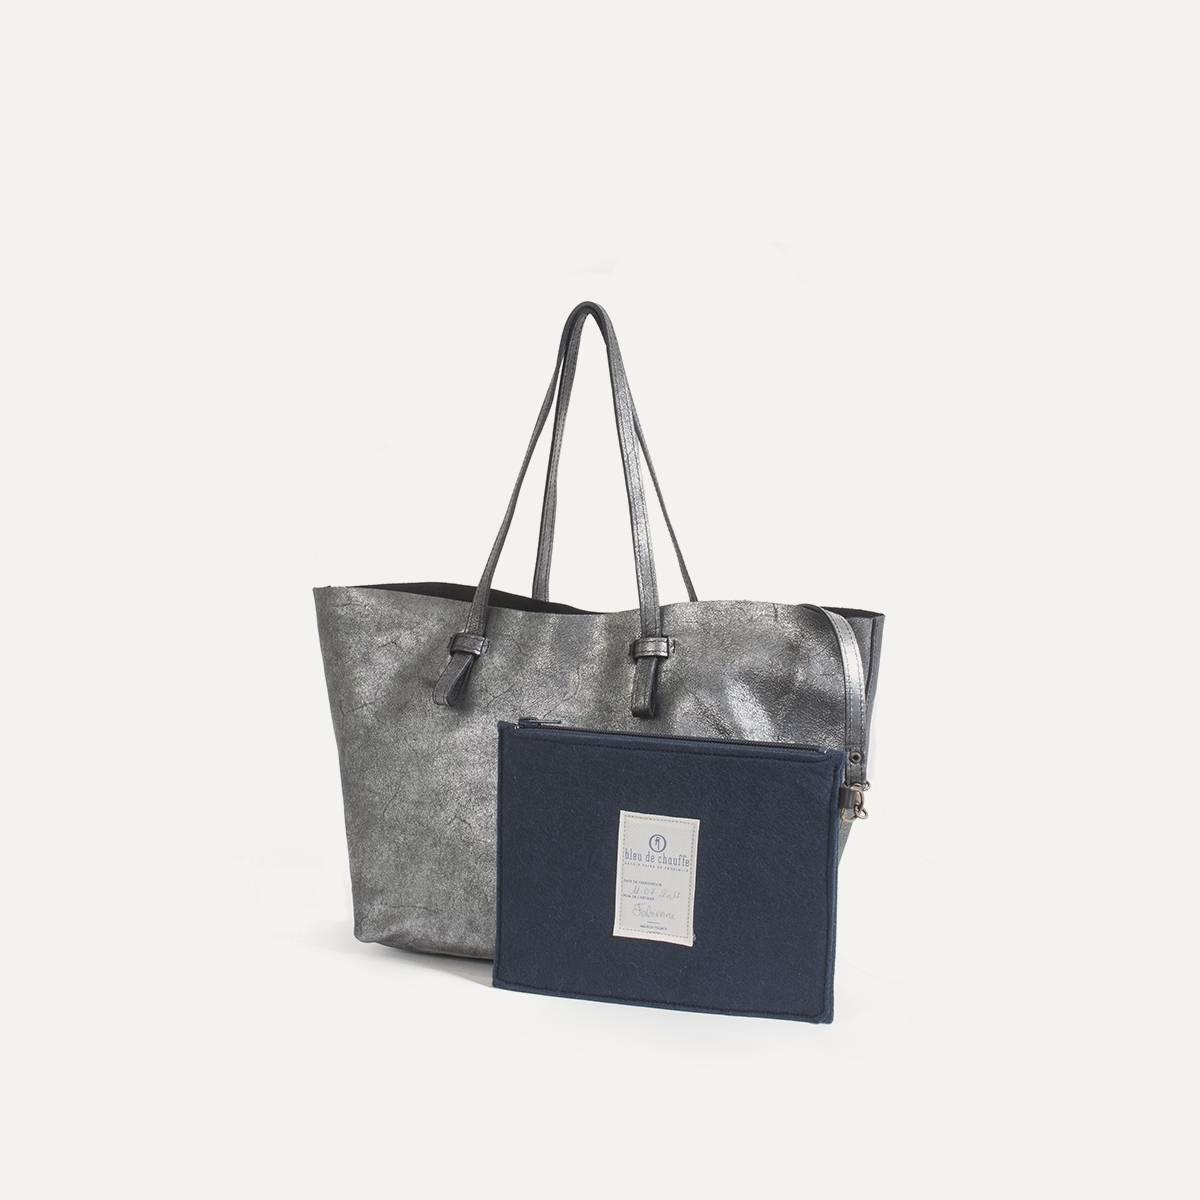 Joy Tote bag S - Fiera Black (image n°3)